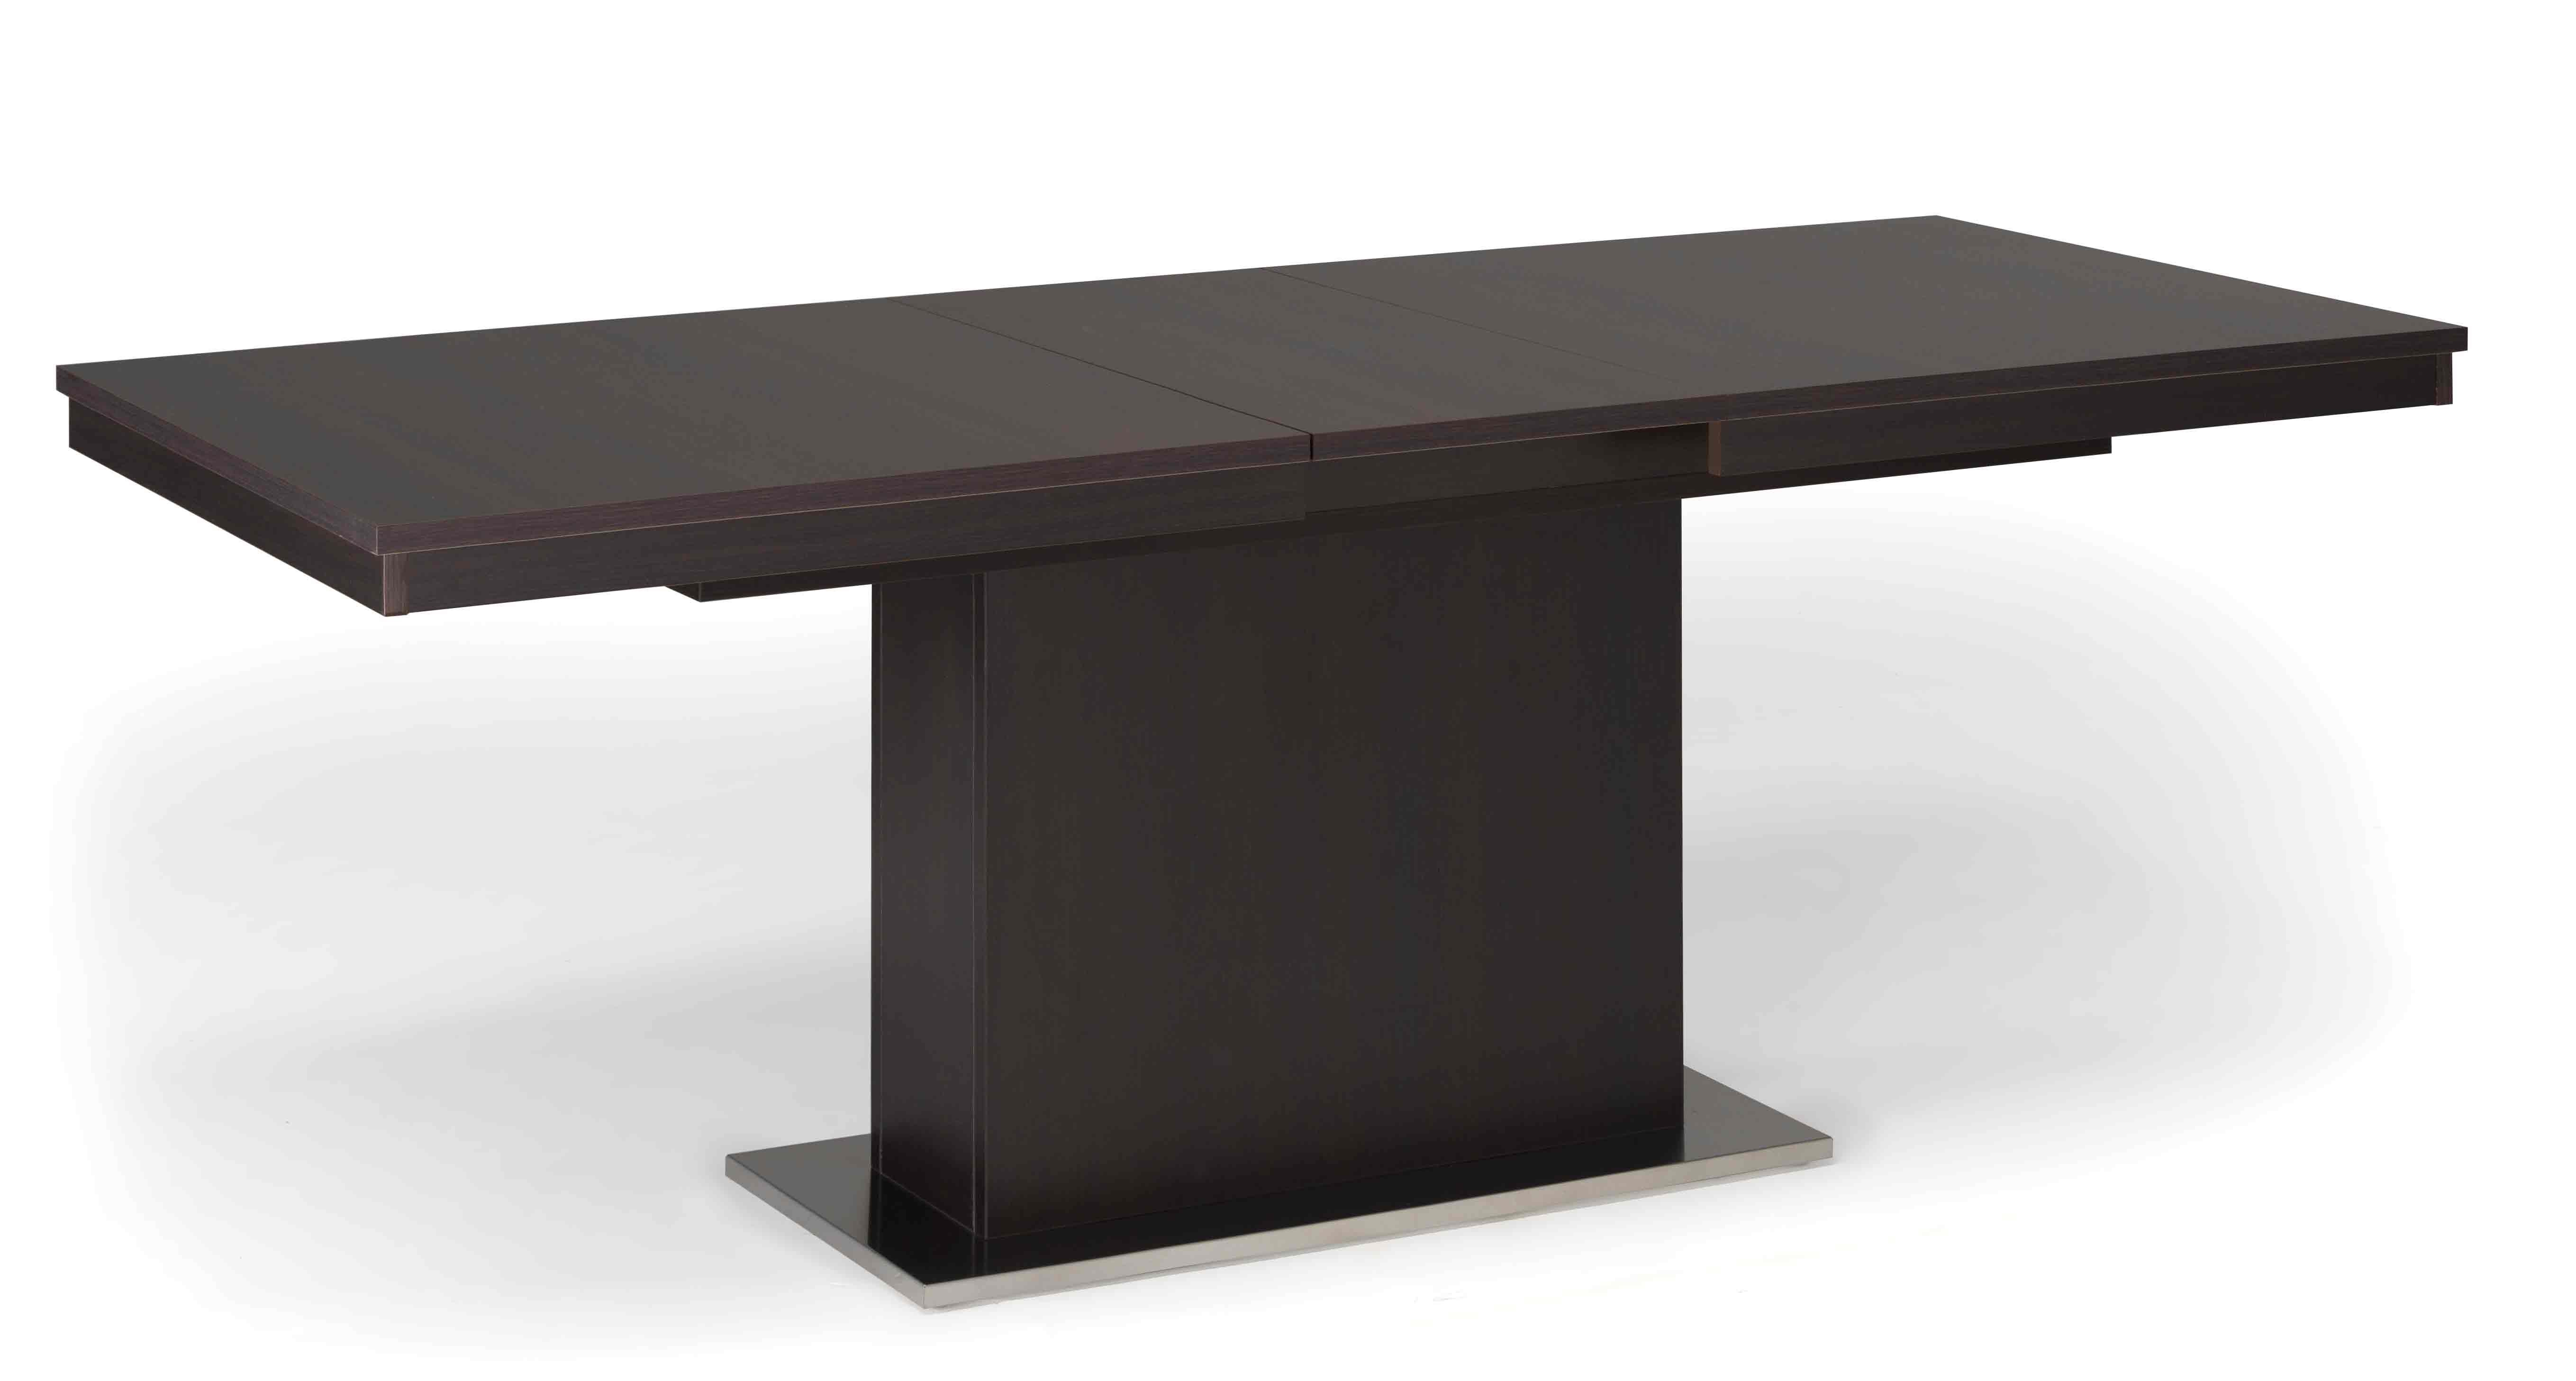 Tavolo in legno allungabile con gamba centrale malaga - Tavolo fratino moderno ...